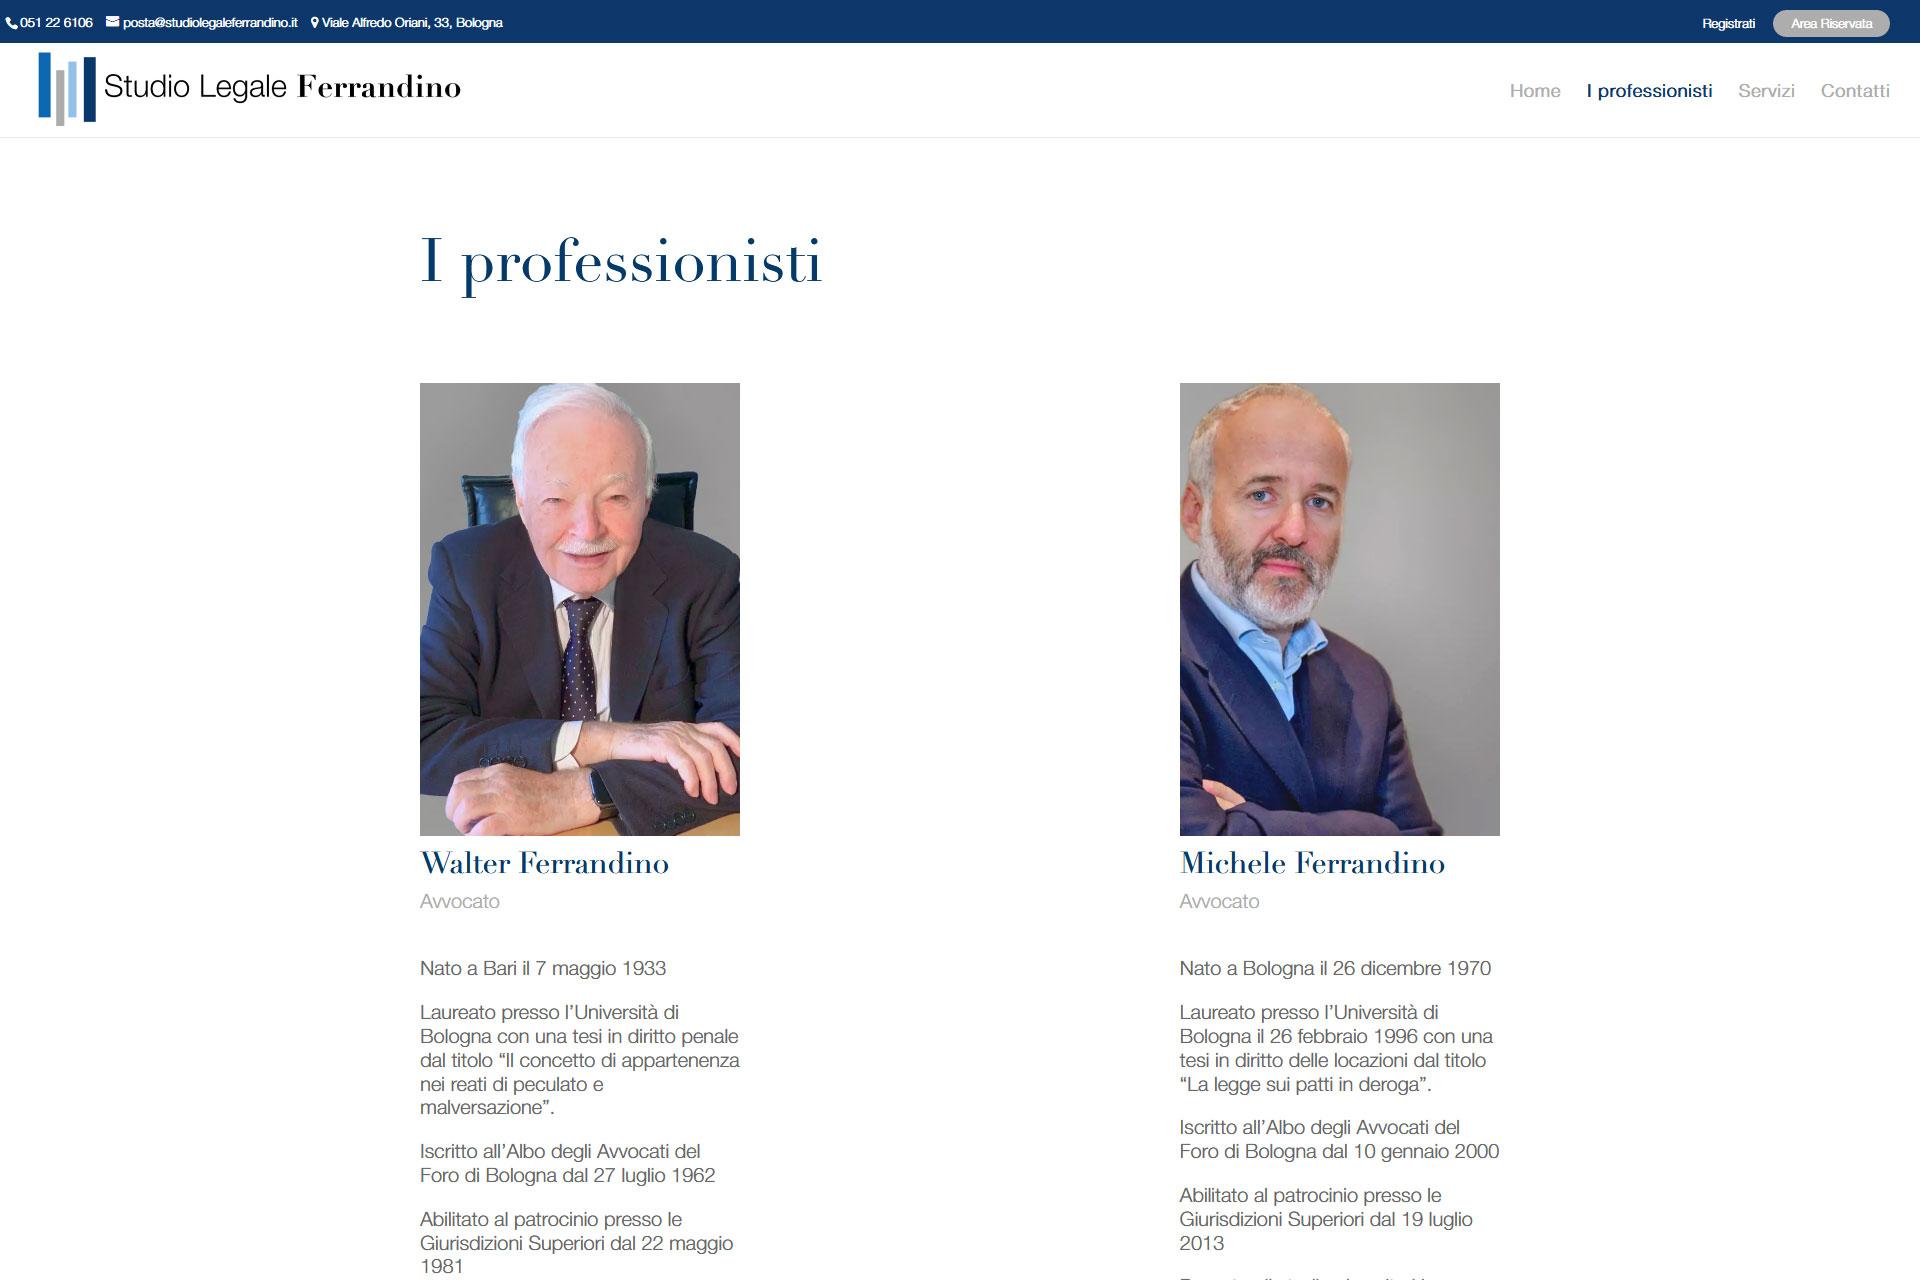 lv-design-realizzazione-siti-web-bologna-portfolio-studio-legale-ferrandino-slide-2